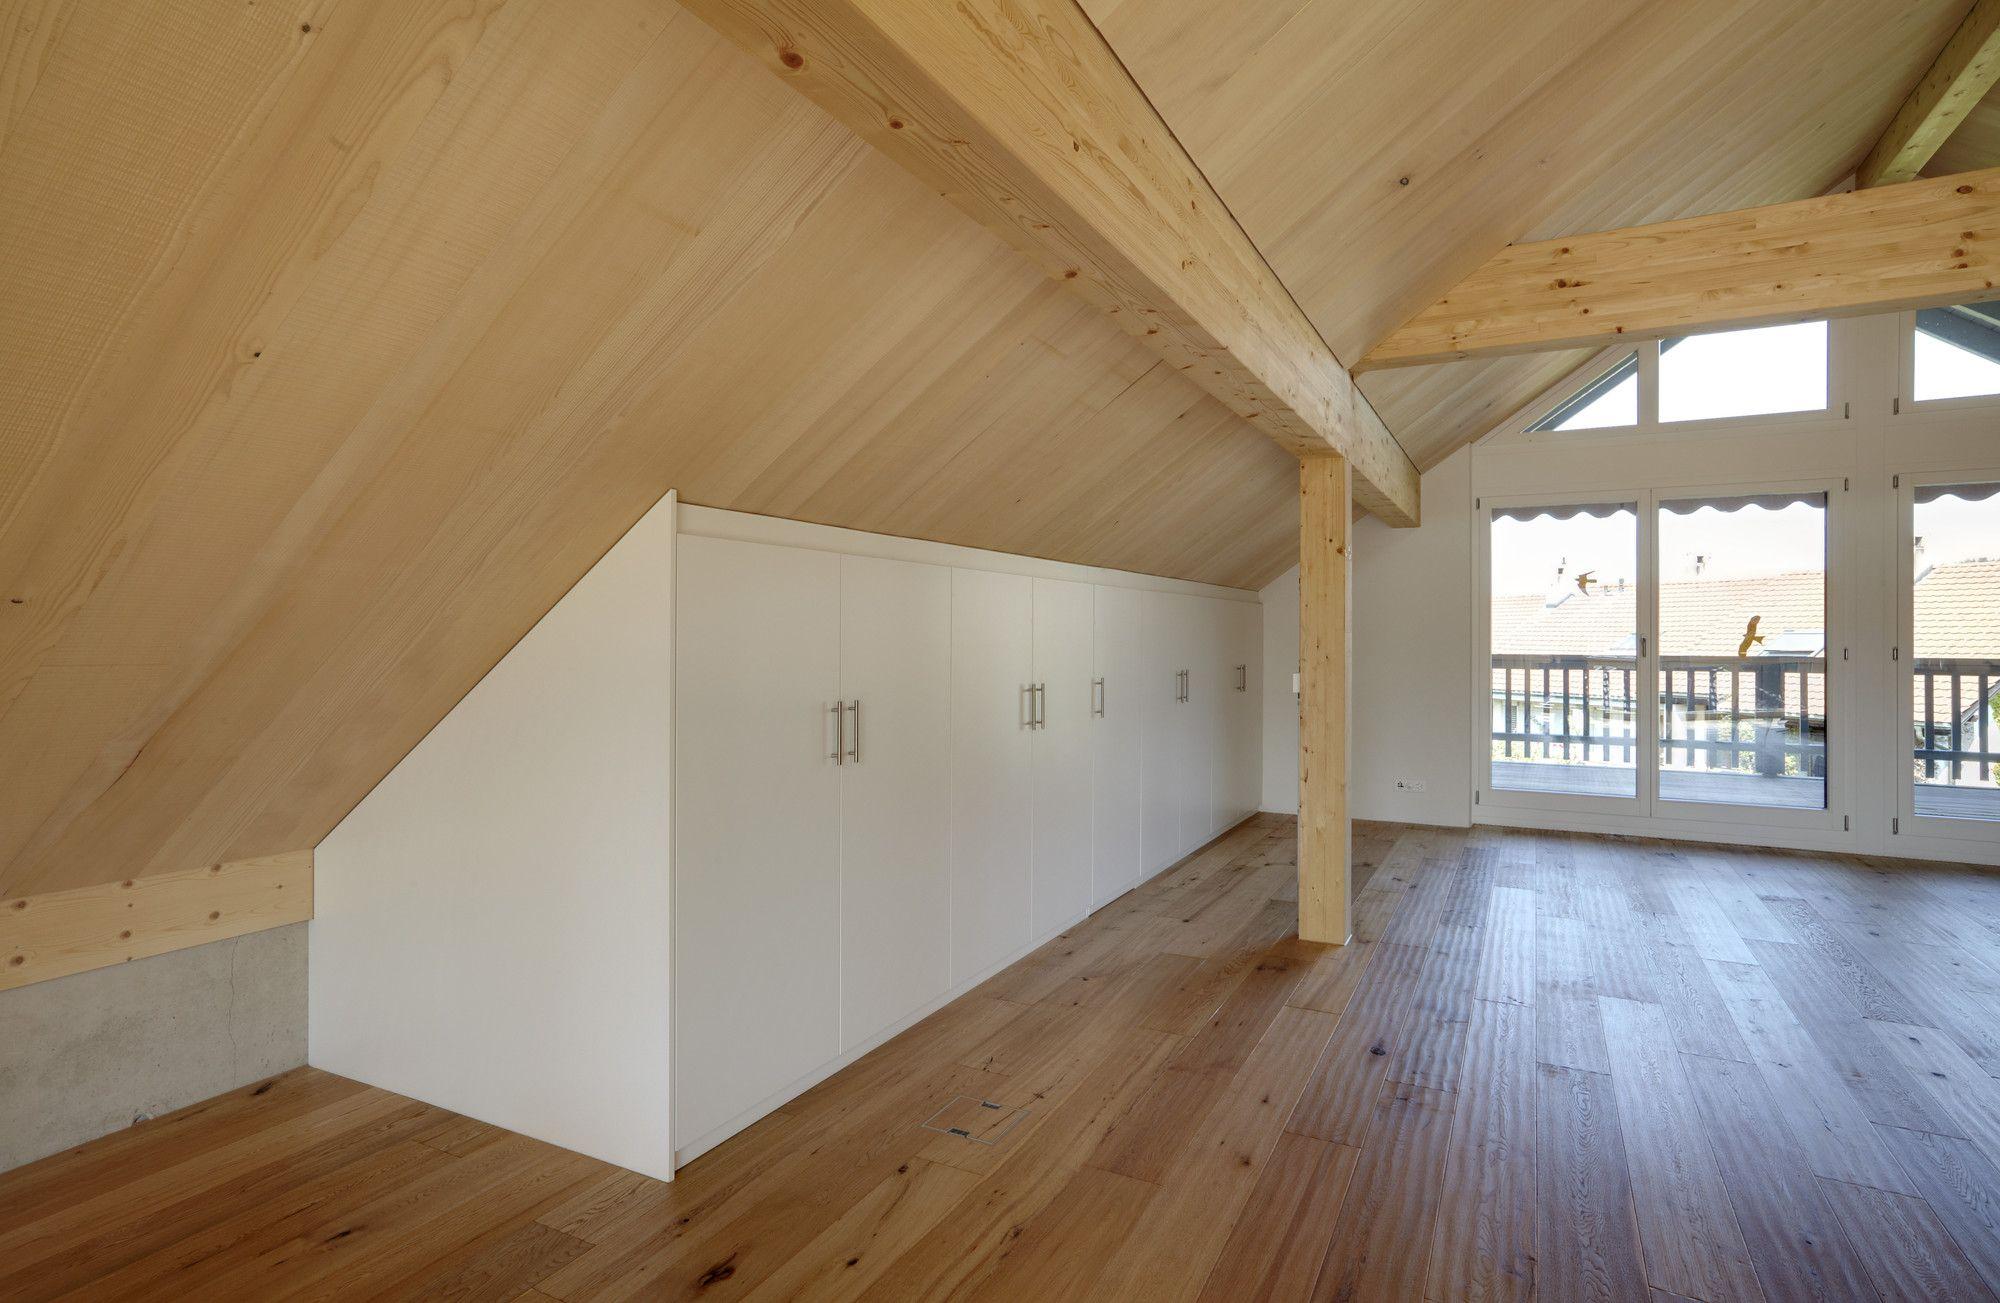 einbauschr nke nach mass dachneigung einbauschrank und dachschr ge. Black Bedroom Furniture Sets. Home Design Ideas